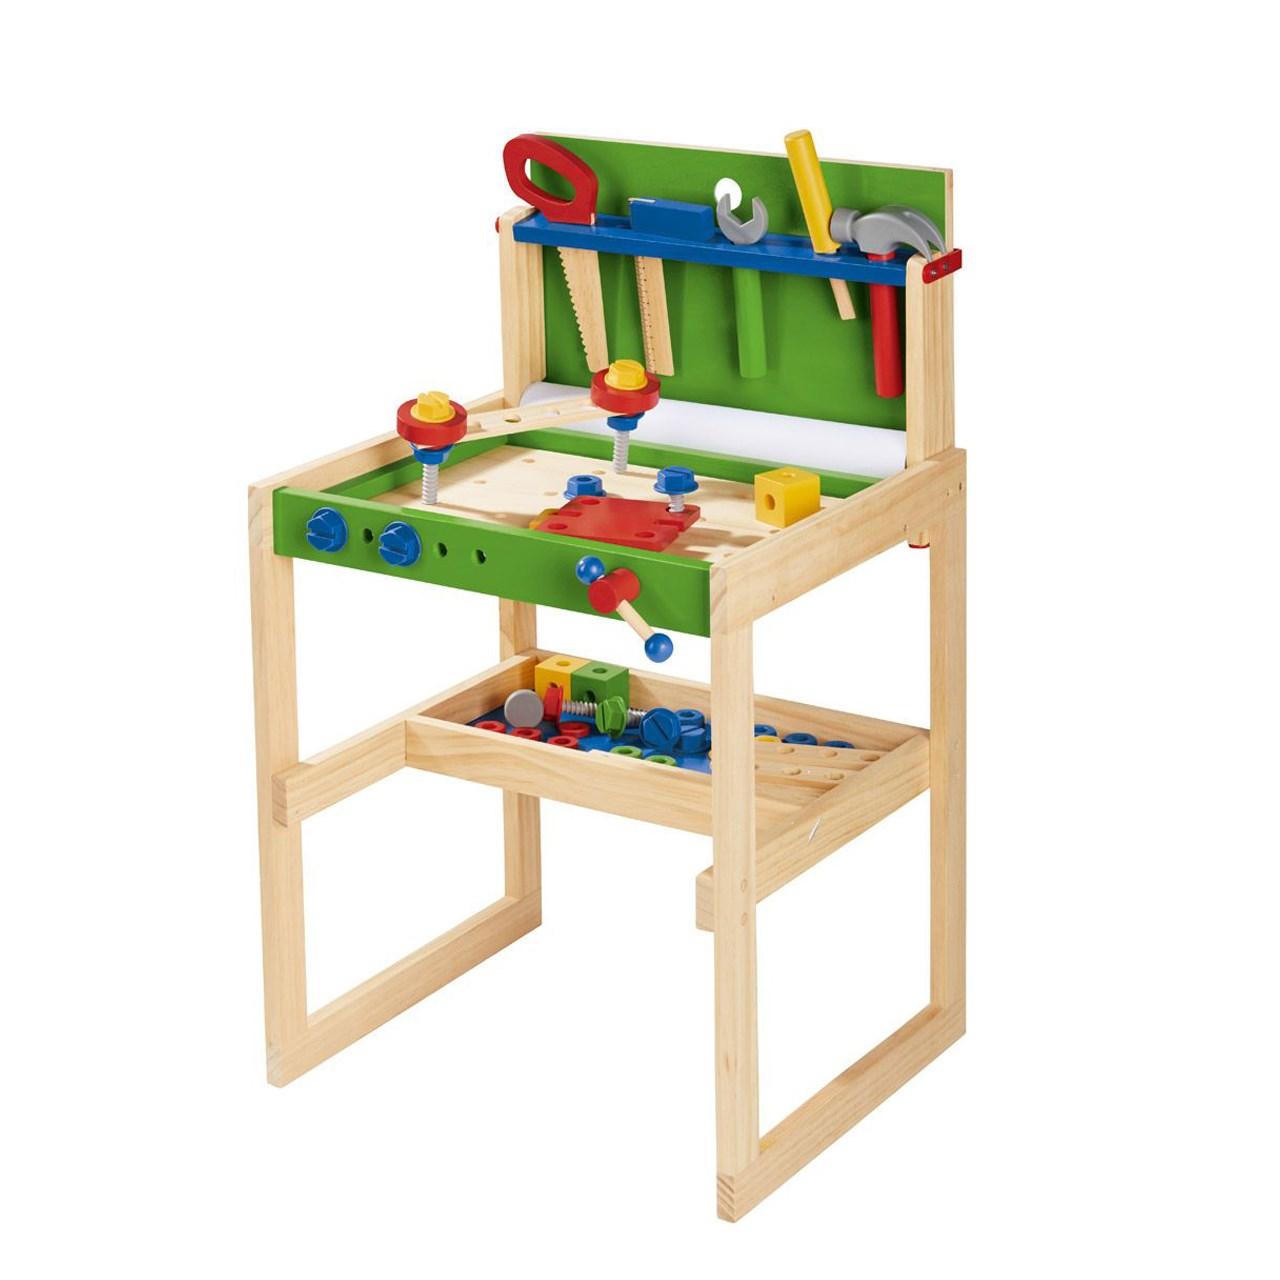 میزکار چوبی کودک  مدل WerkBank